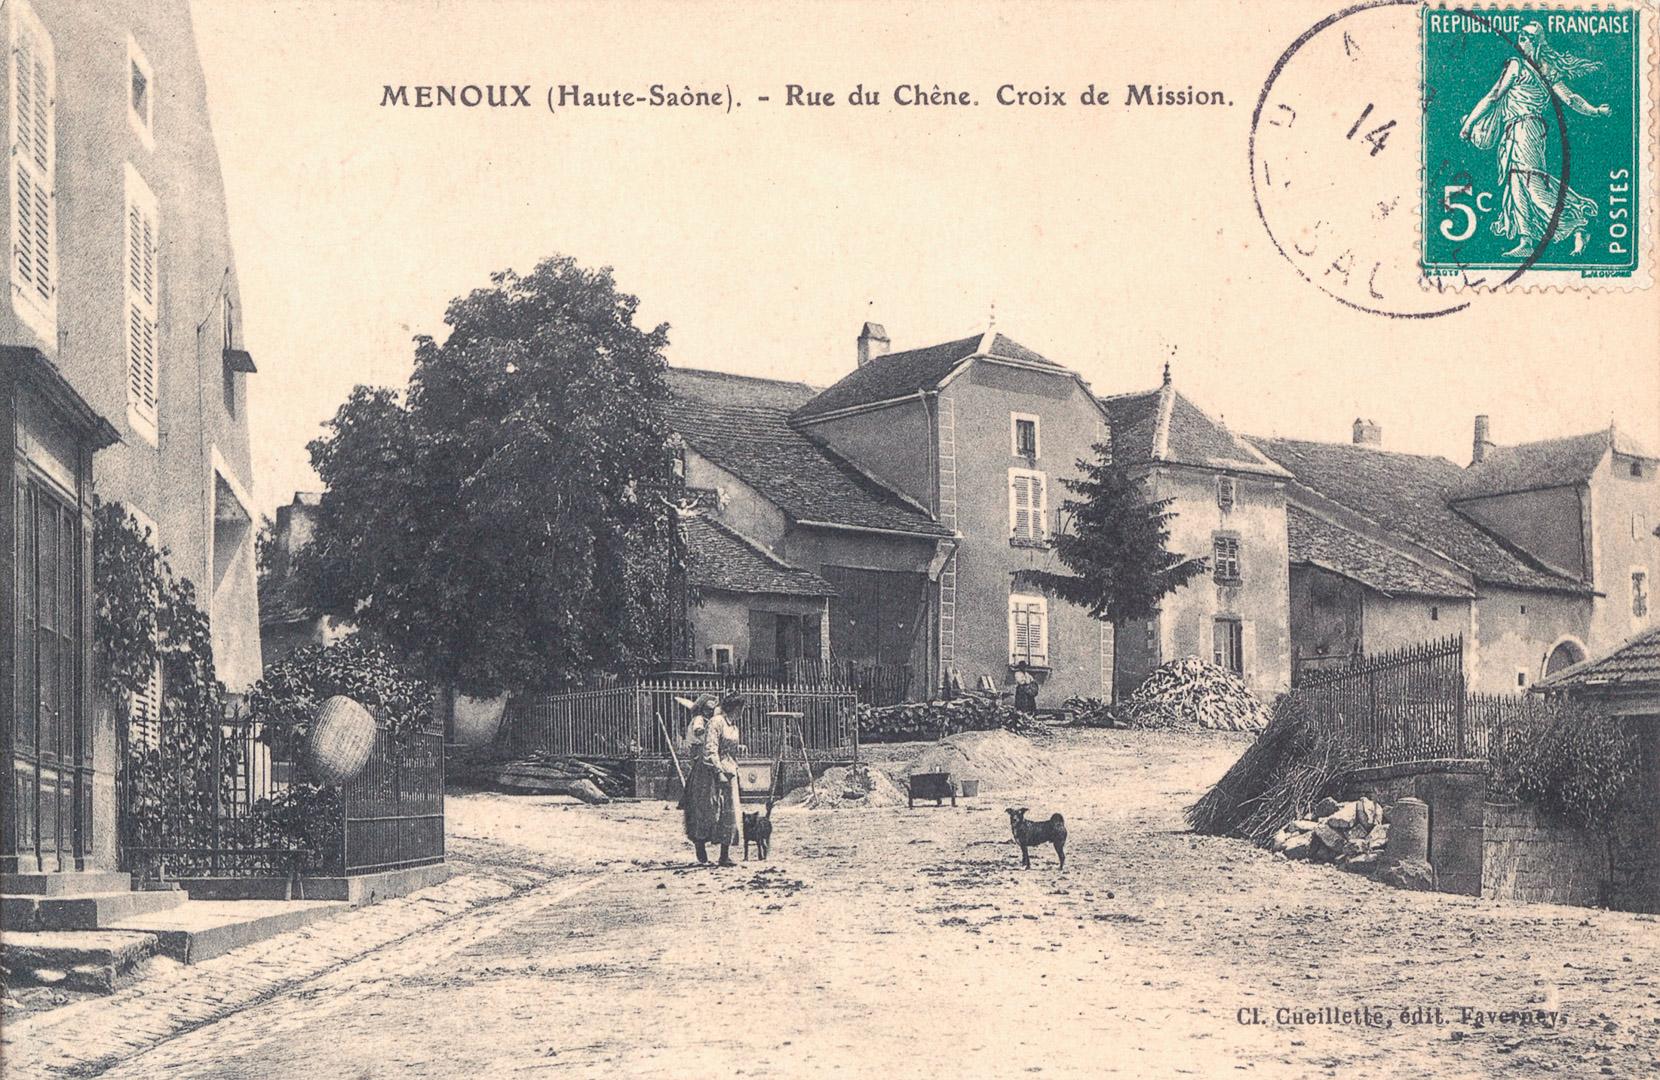 1900-1920_Menoux-cartPost-5